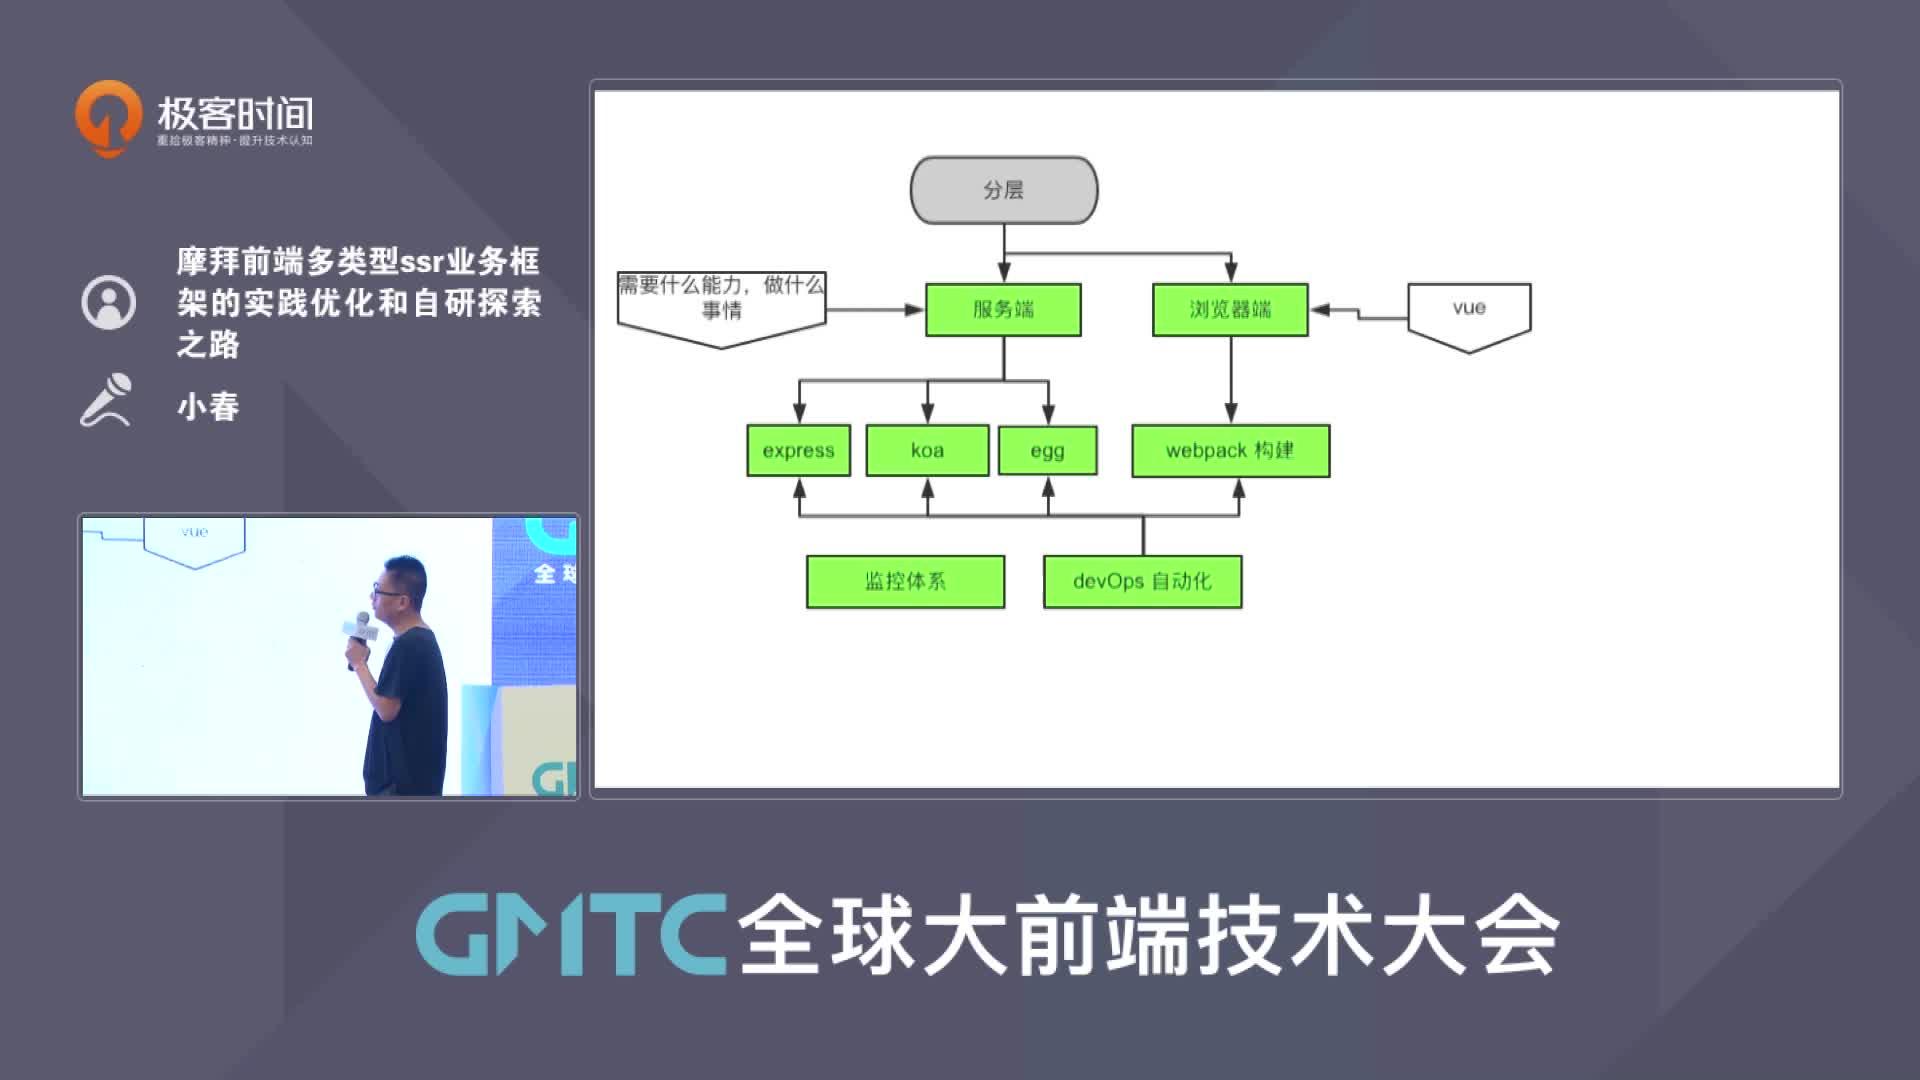 摩拜前端多类型 ssr 业务框架的实践优化和自研探索之路丨GMTC